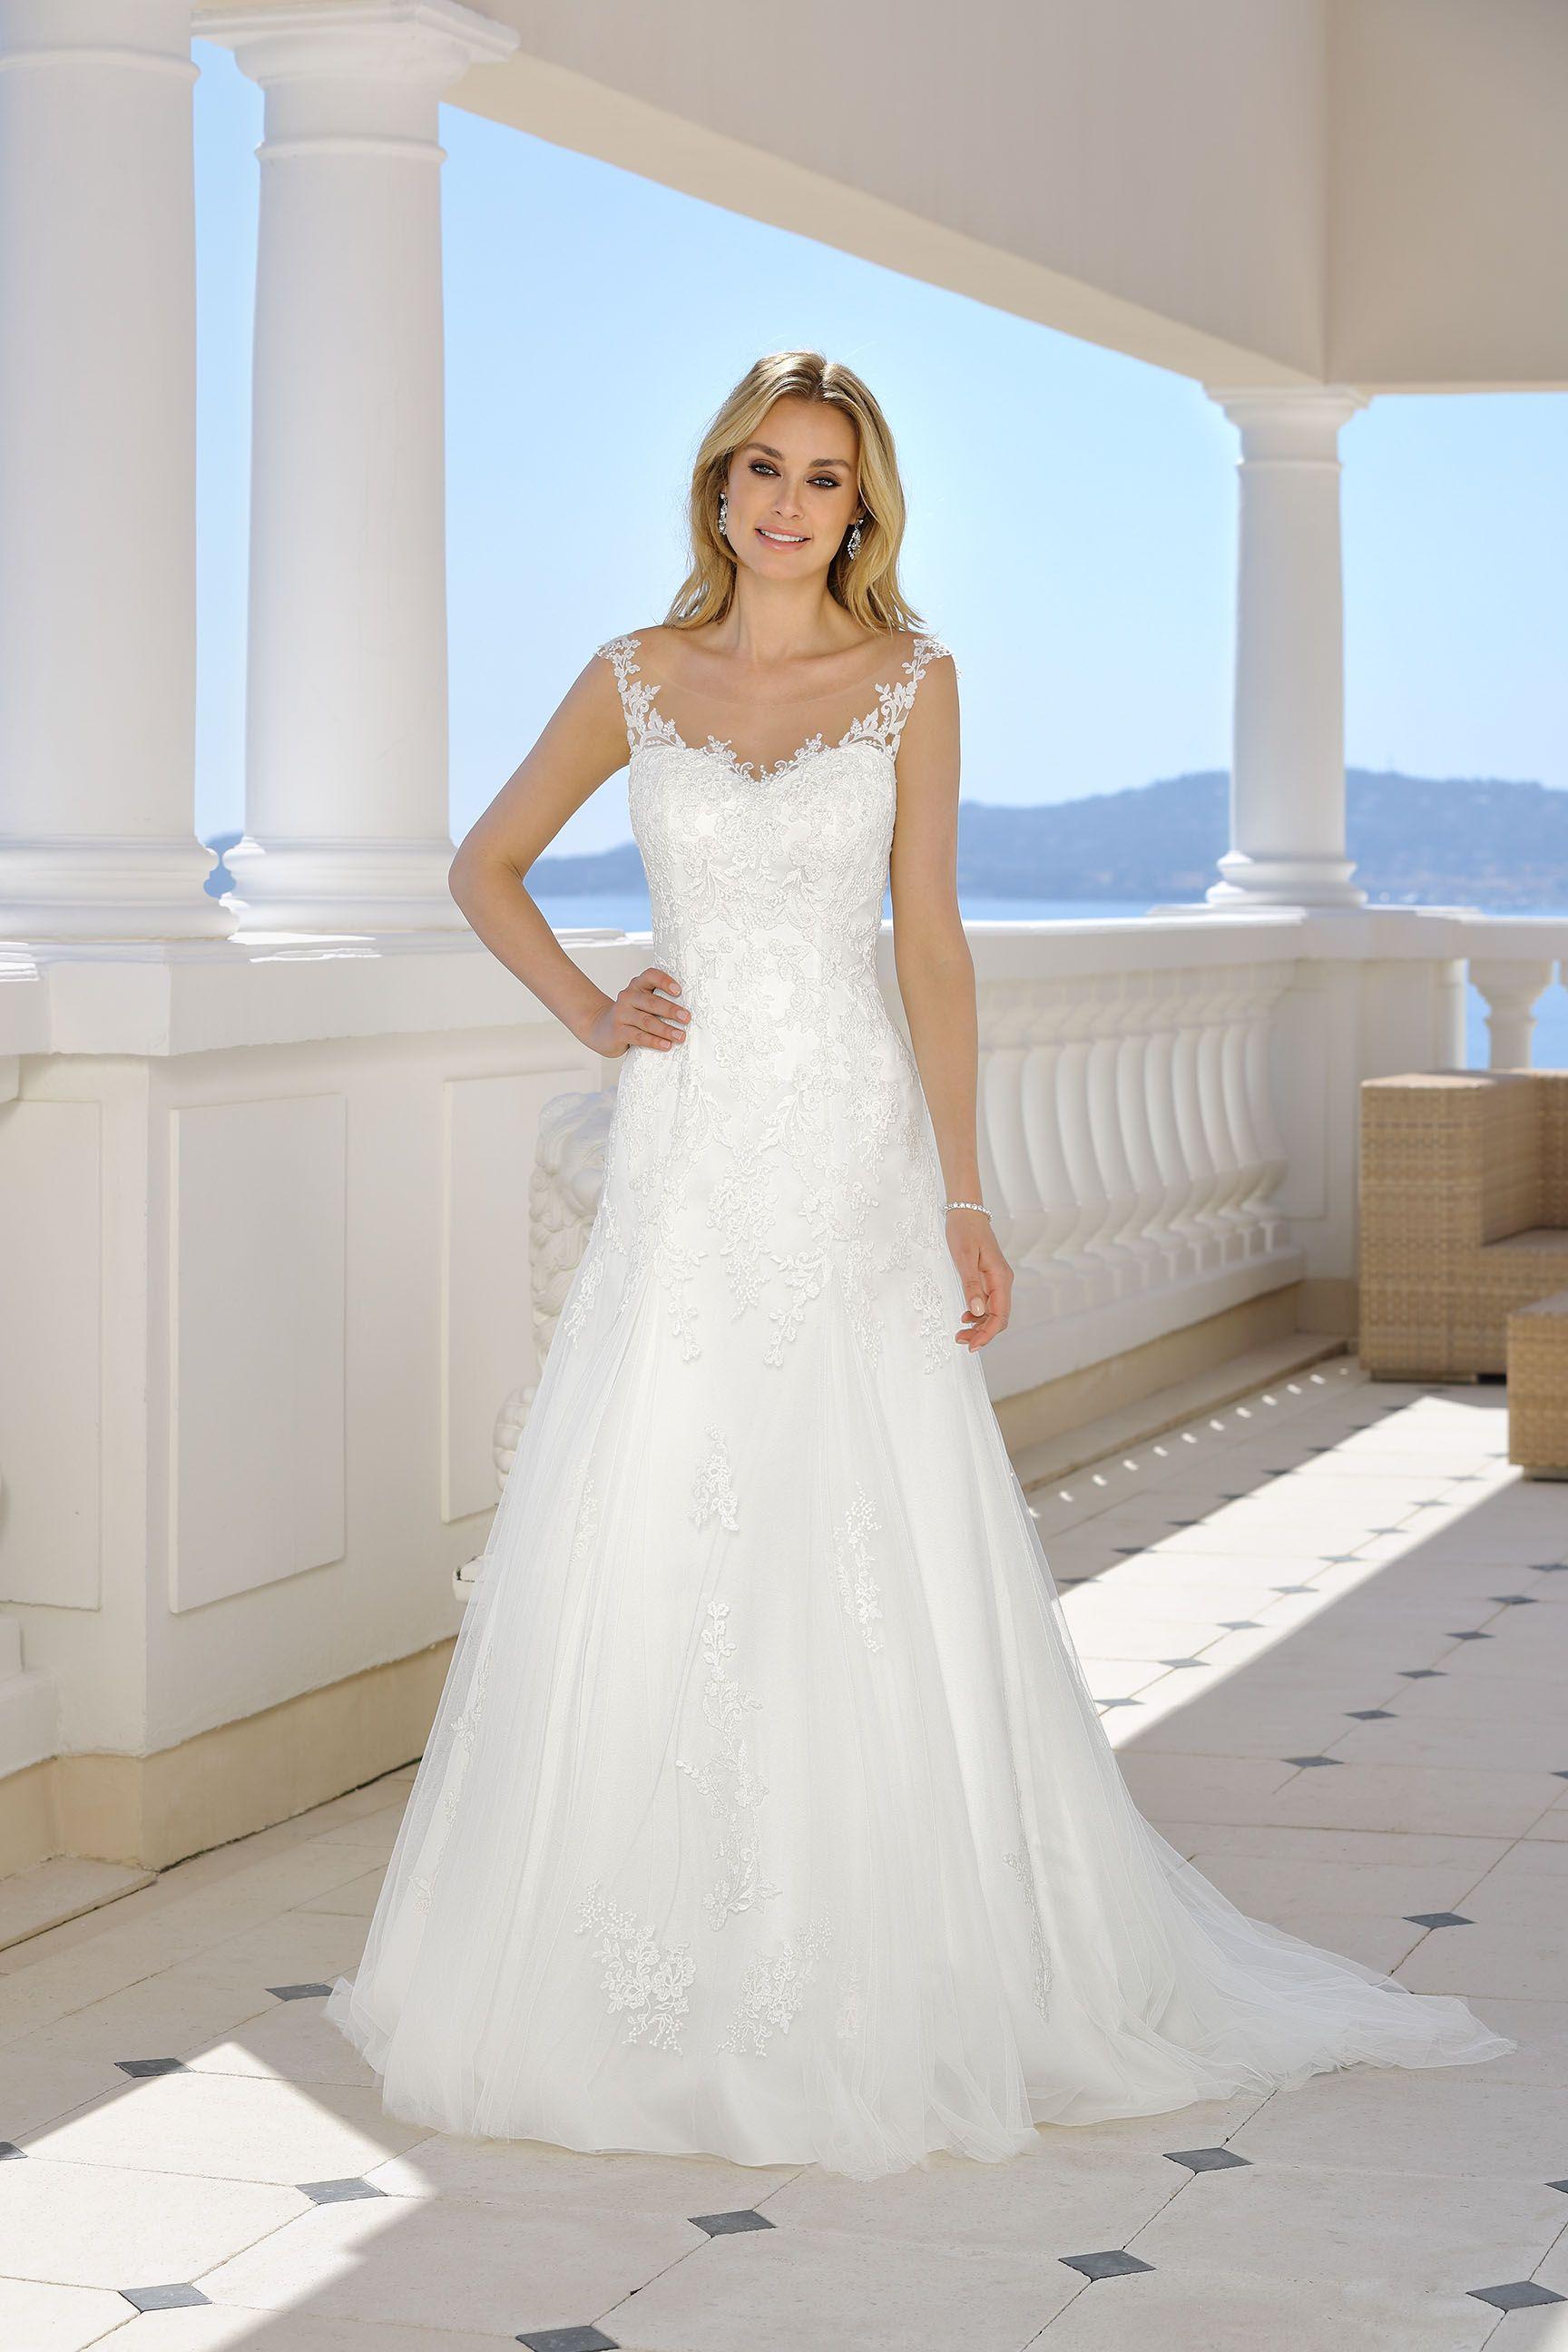 Atemberaubend Gestalten Sie Ihr Hochzeitskleid Zeitgenössisch ...